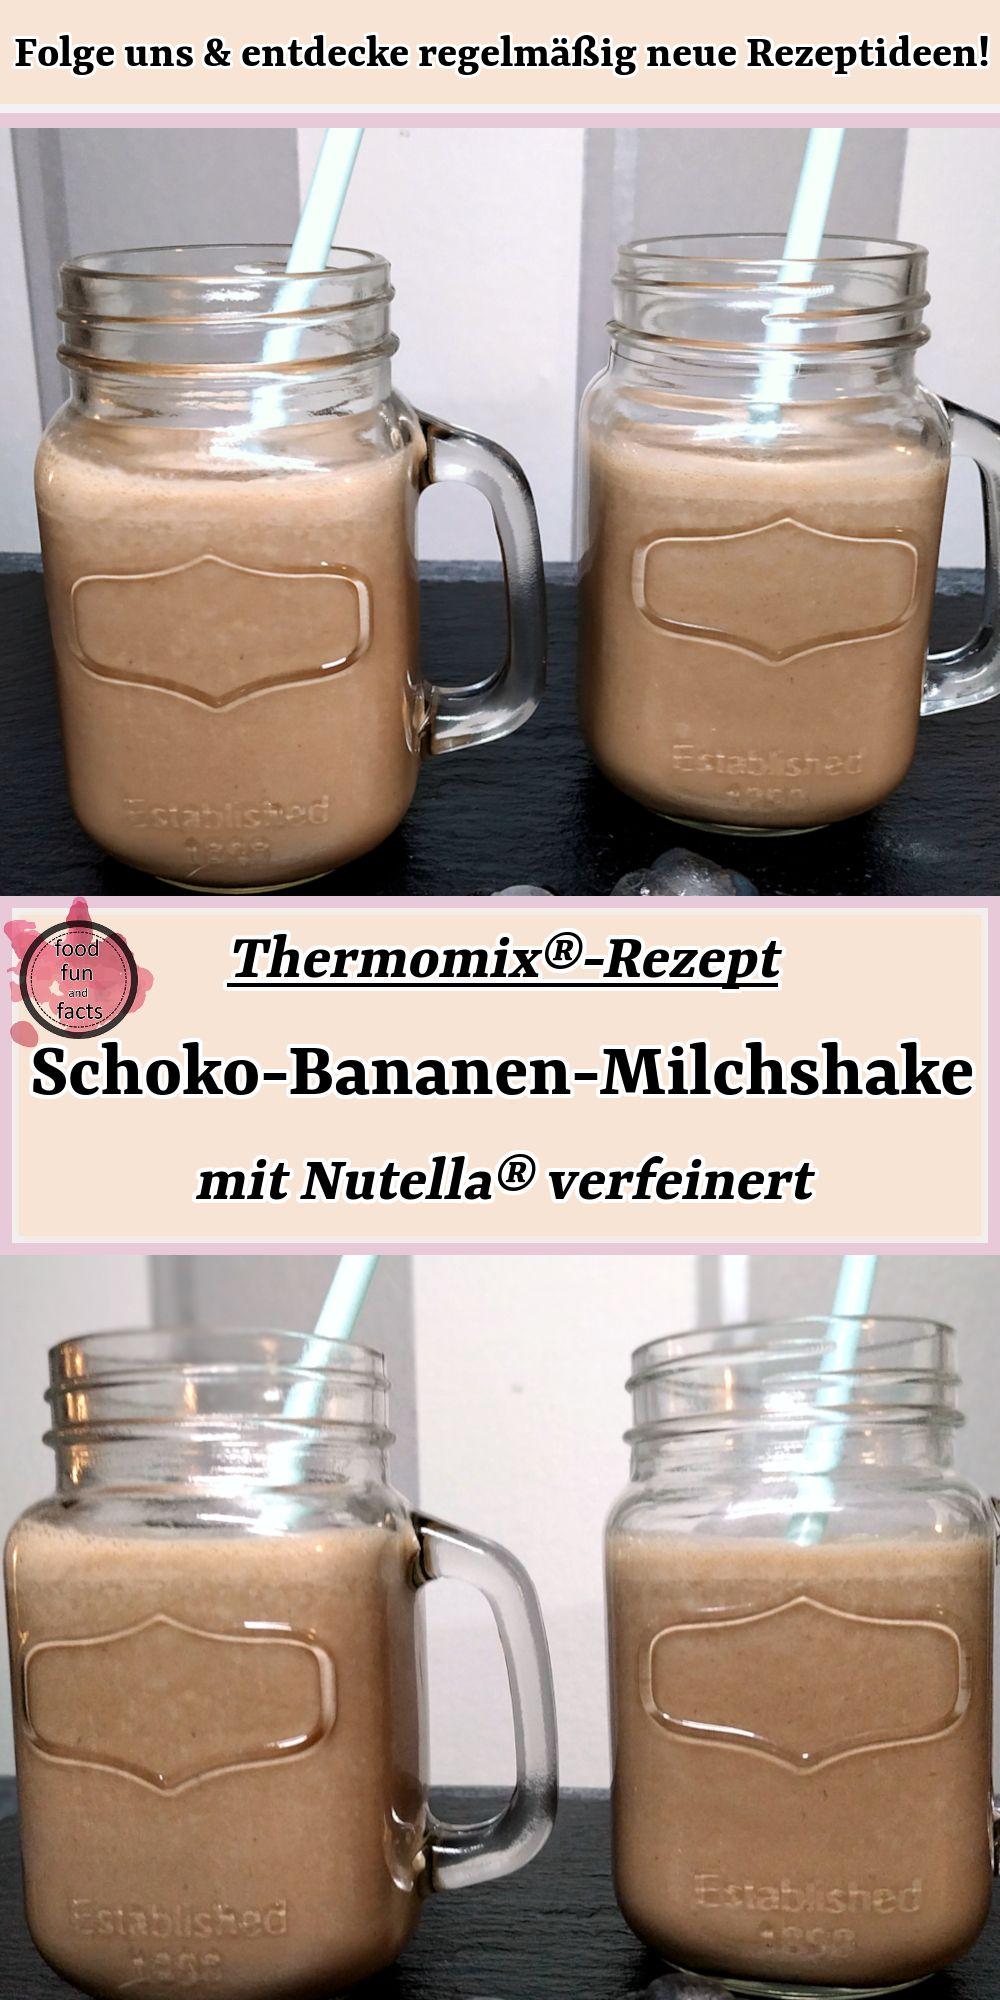 Schoko-Bananen-Milchshake – mit Nutella verfeinert   Thermomix-Rezept